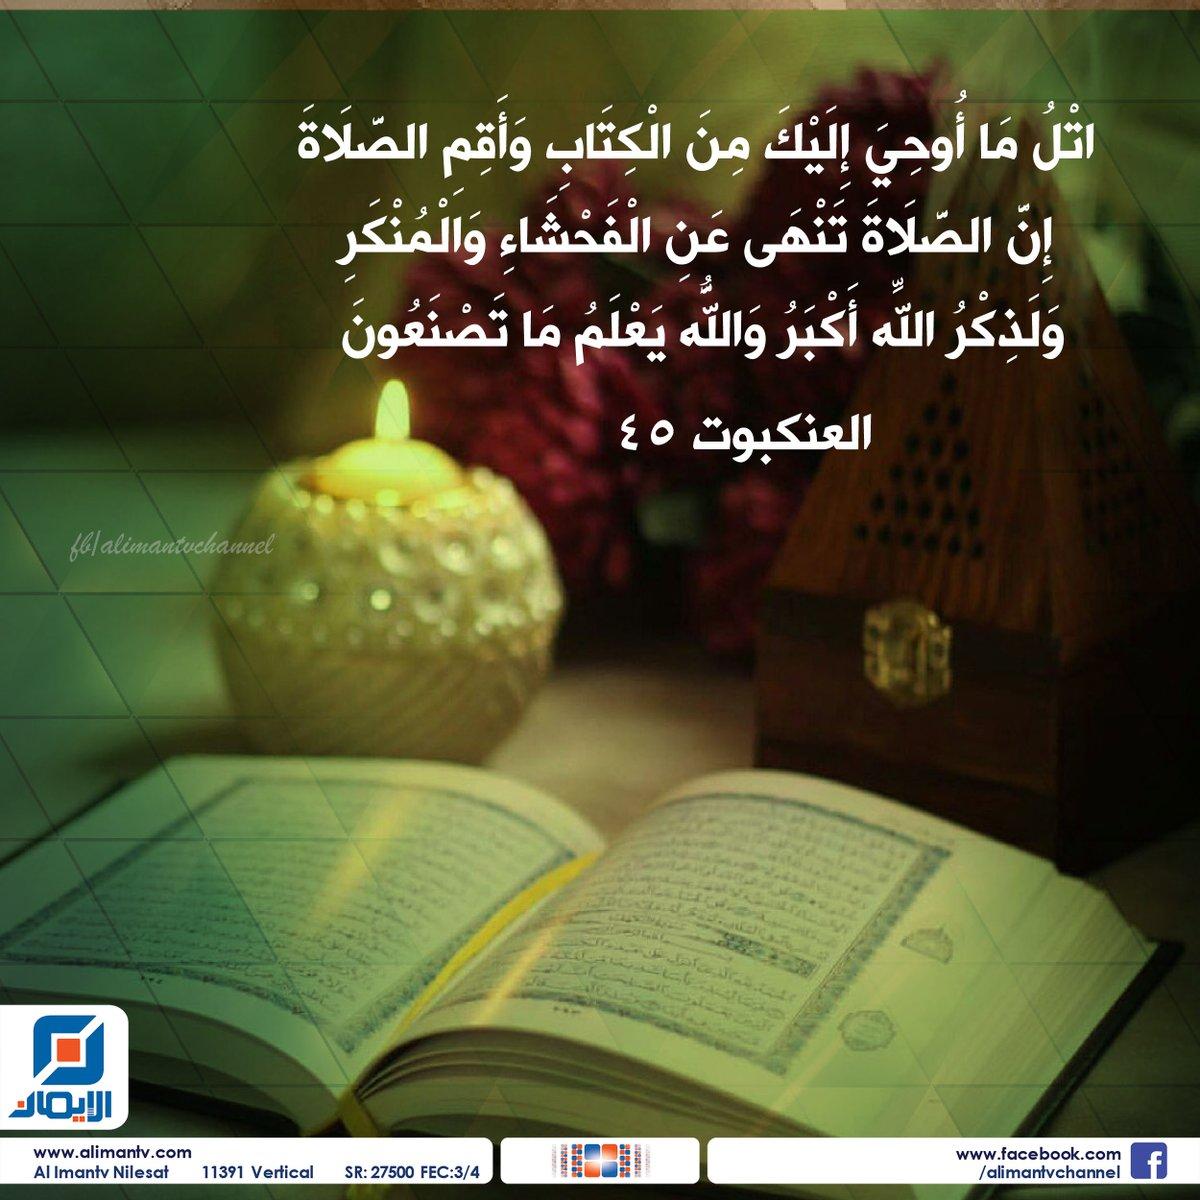 حقيقة الصلاة في كتاب الله العظيم ٢٦ True Islam From Quran حقيقة الاسلام من القرآن